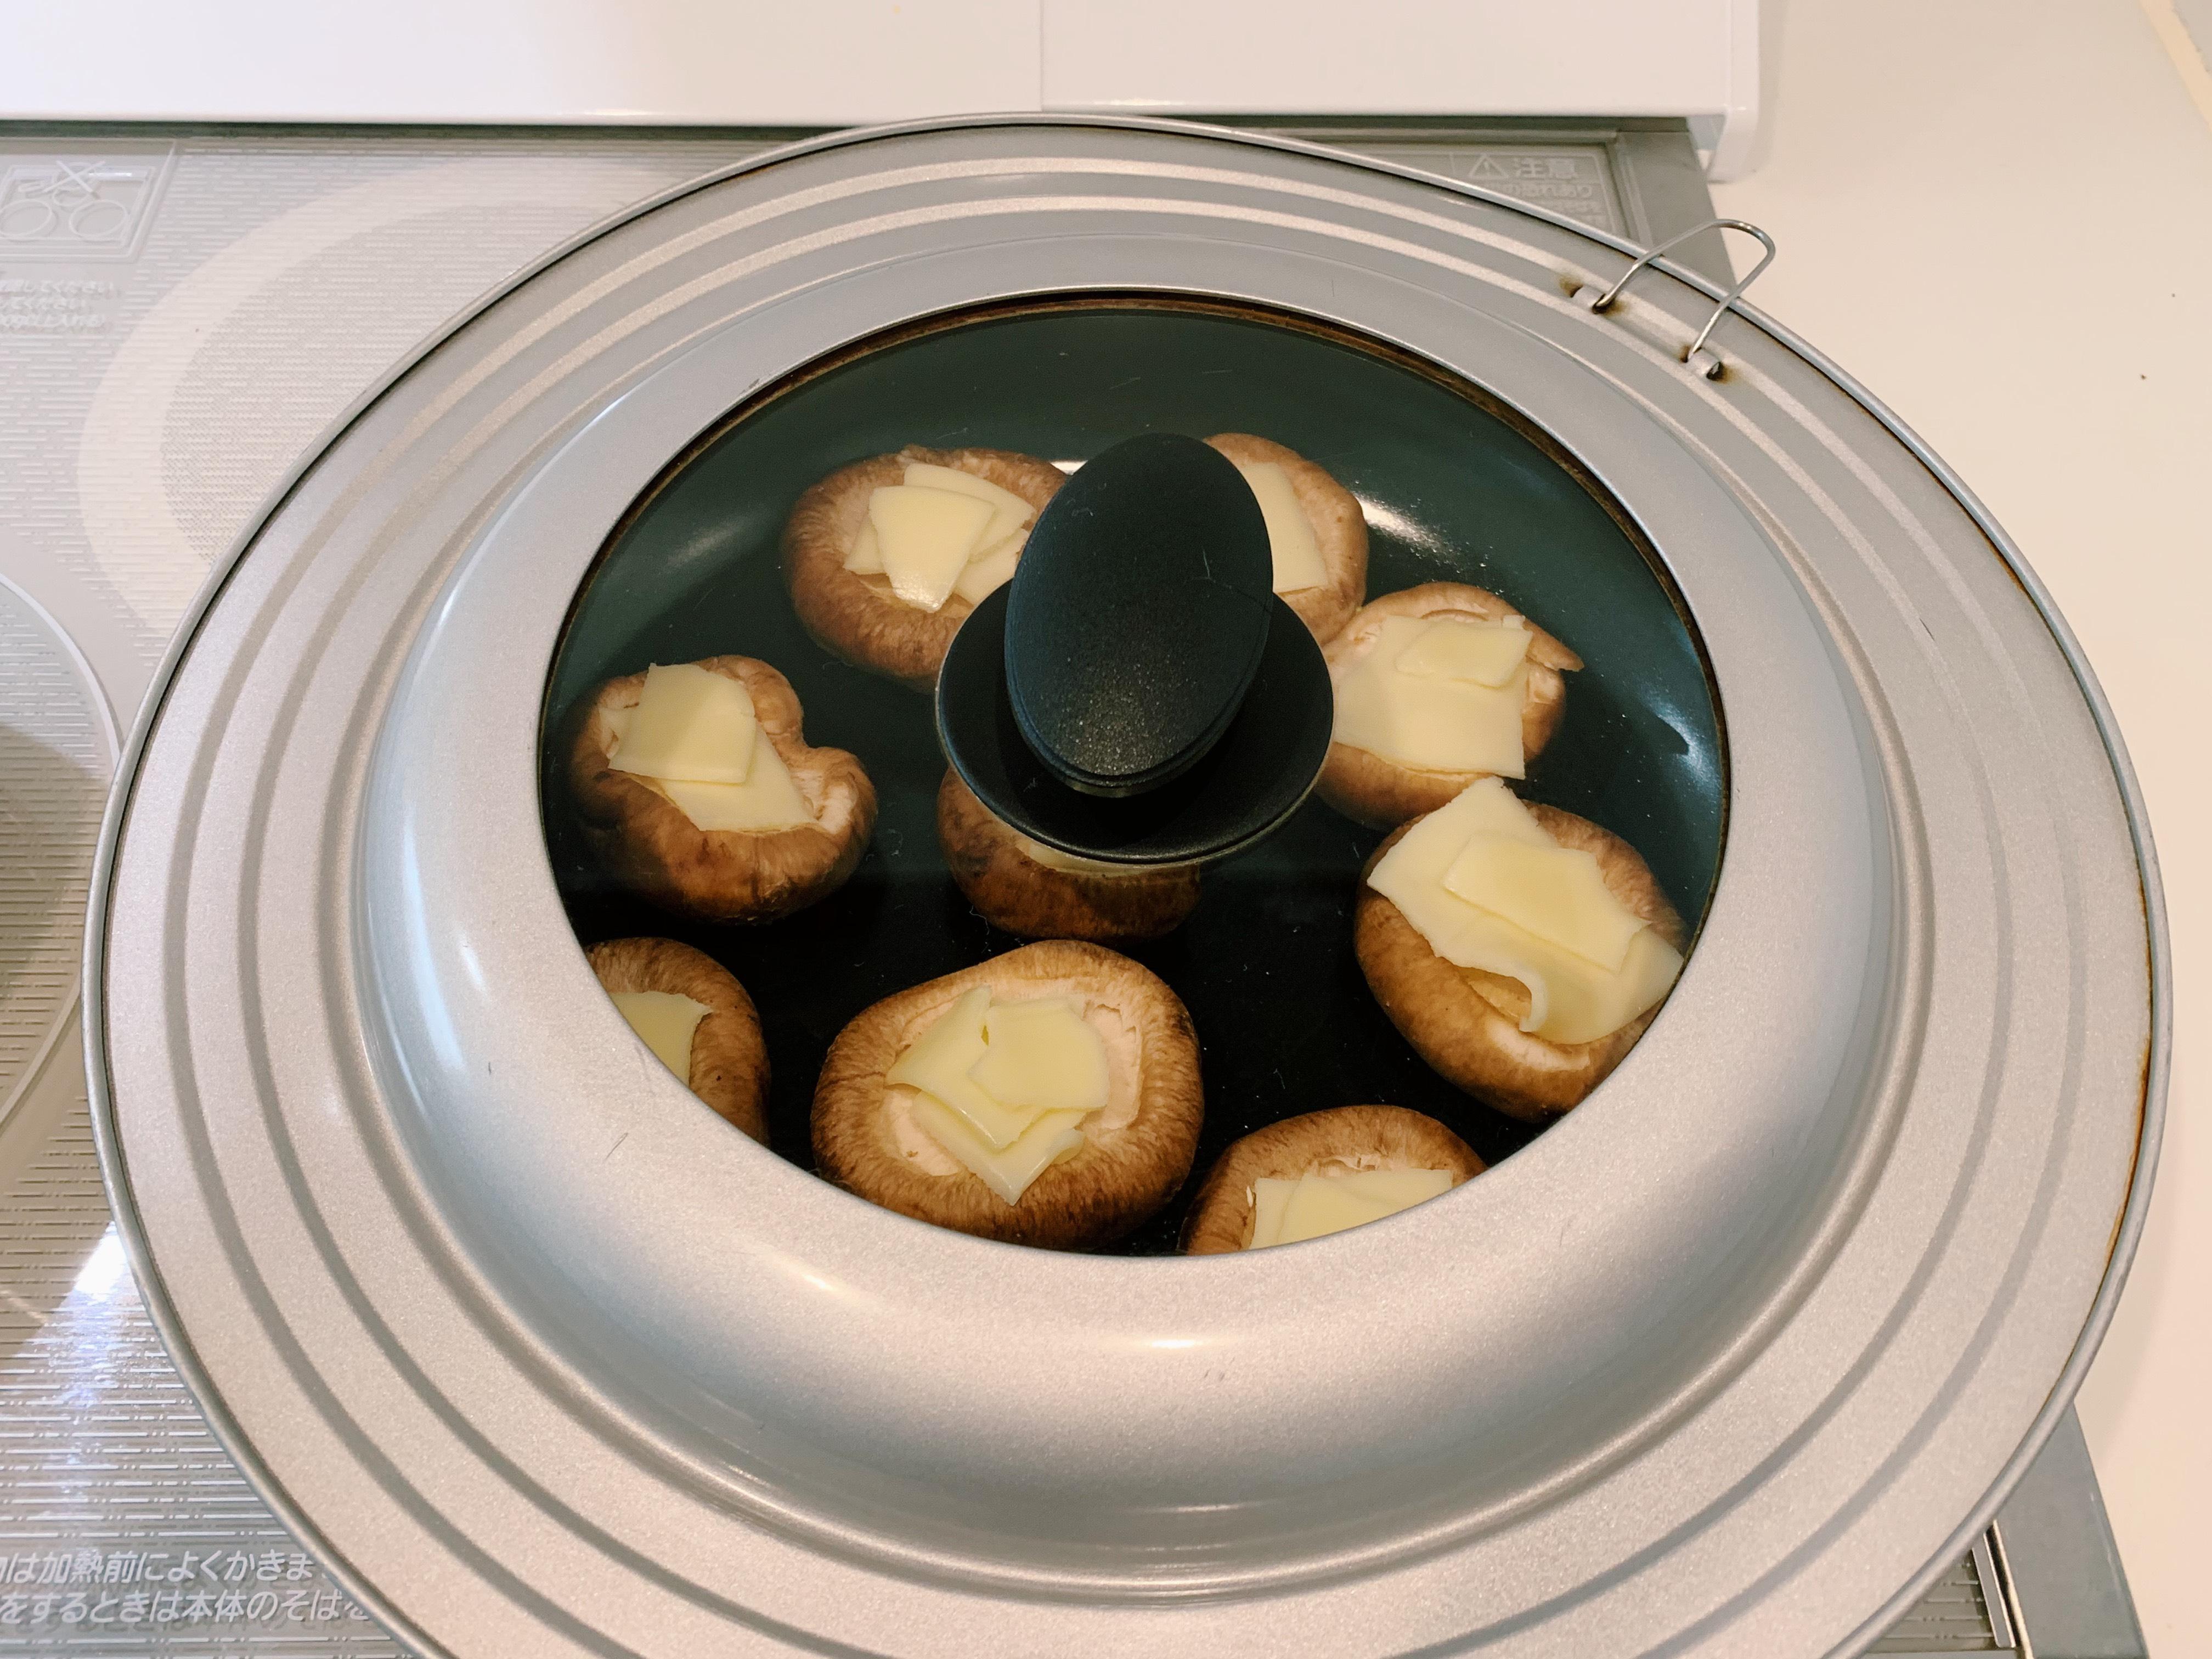 しいたけにチーズを乗せて焼いています